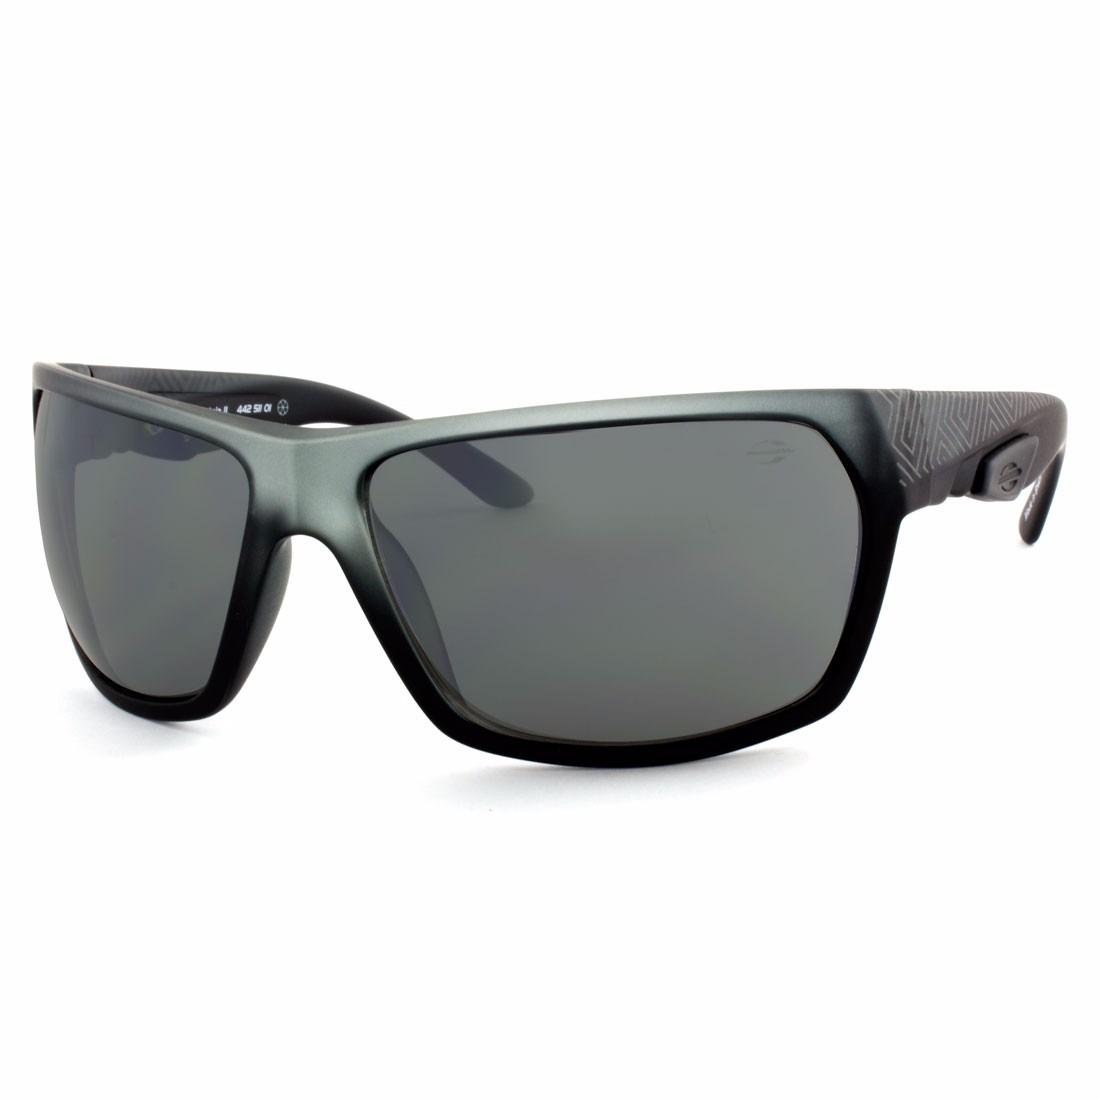 495c2ca97d815 Óculos Mormaii Amazônia Ii 442 511 01 - R  299,00 em Mercado Livre